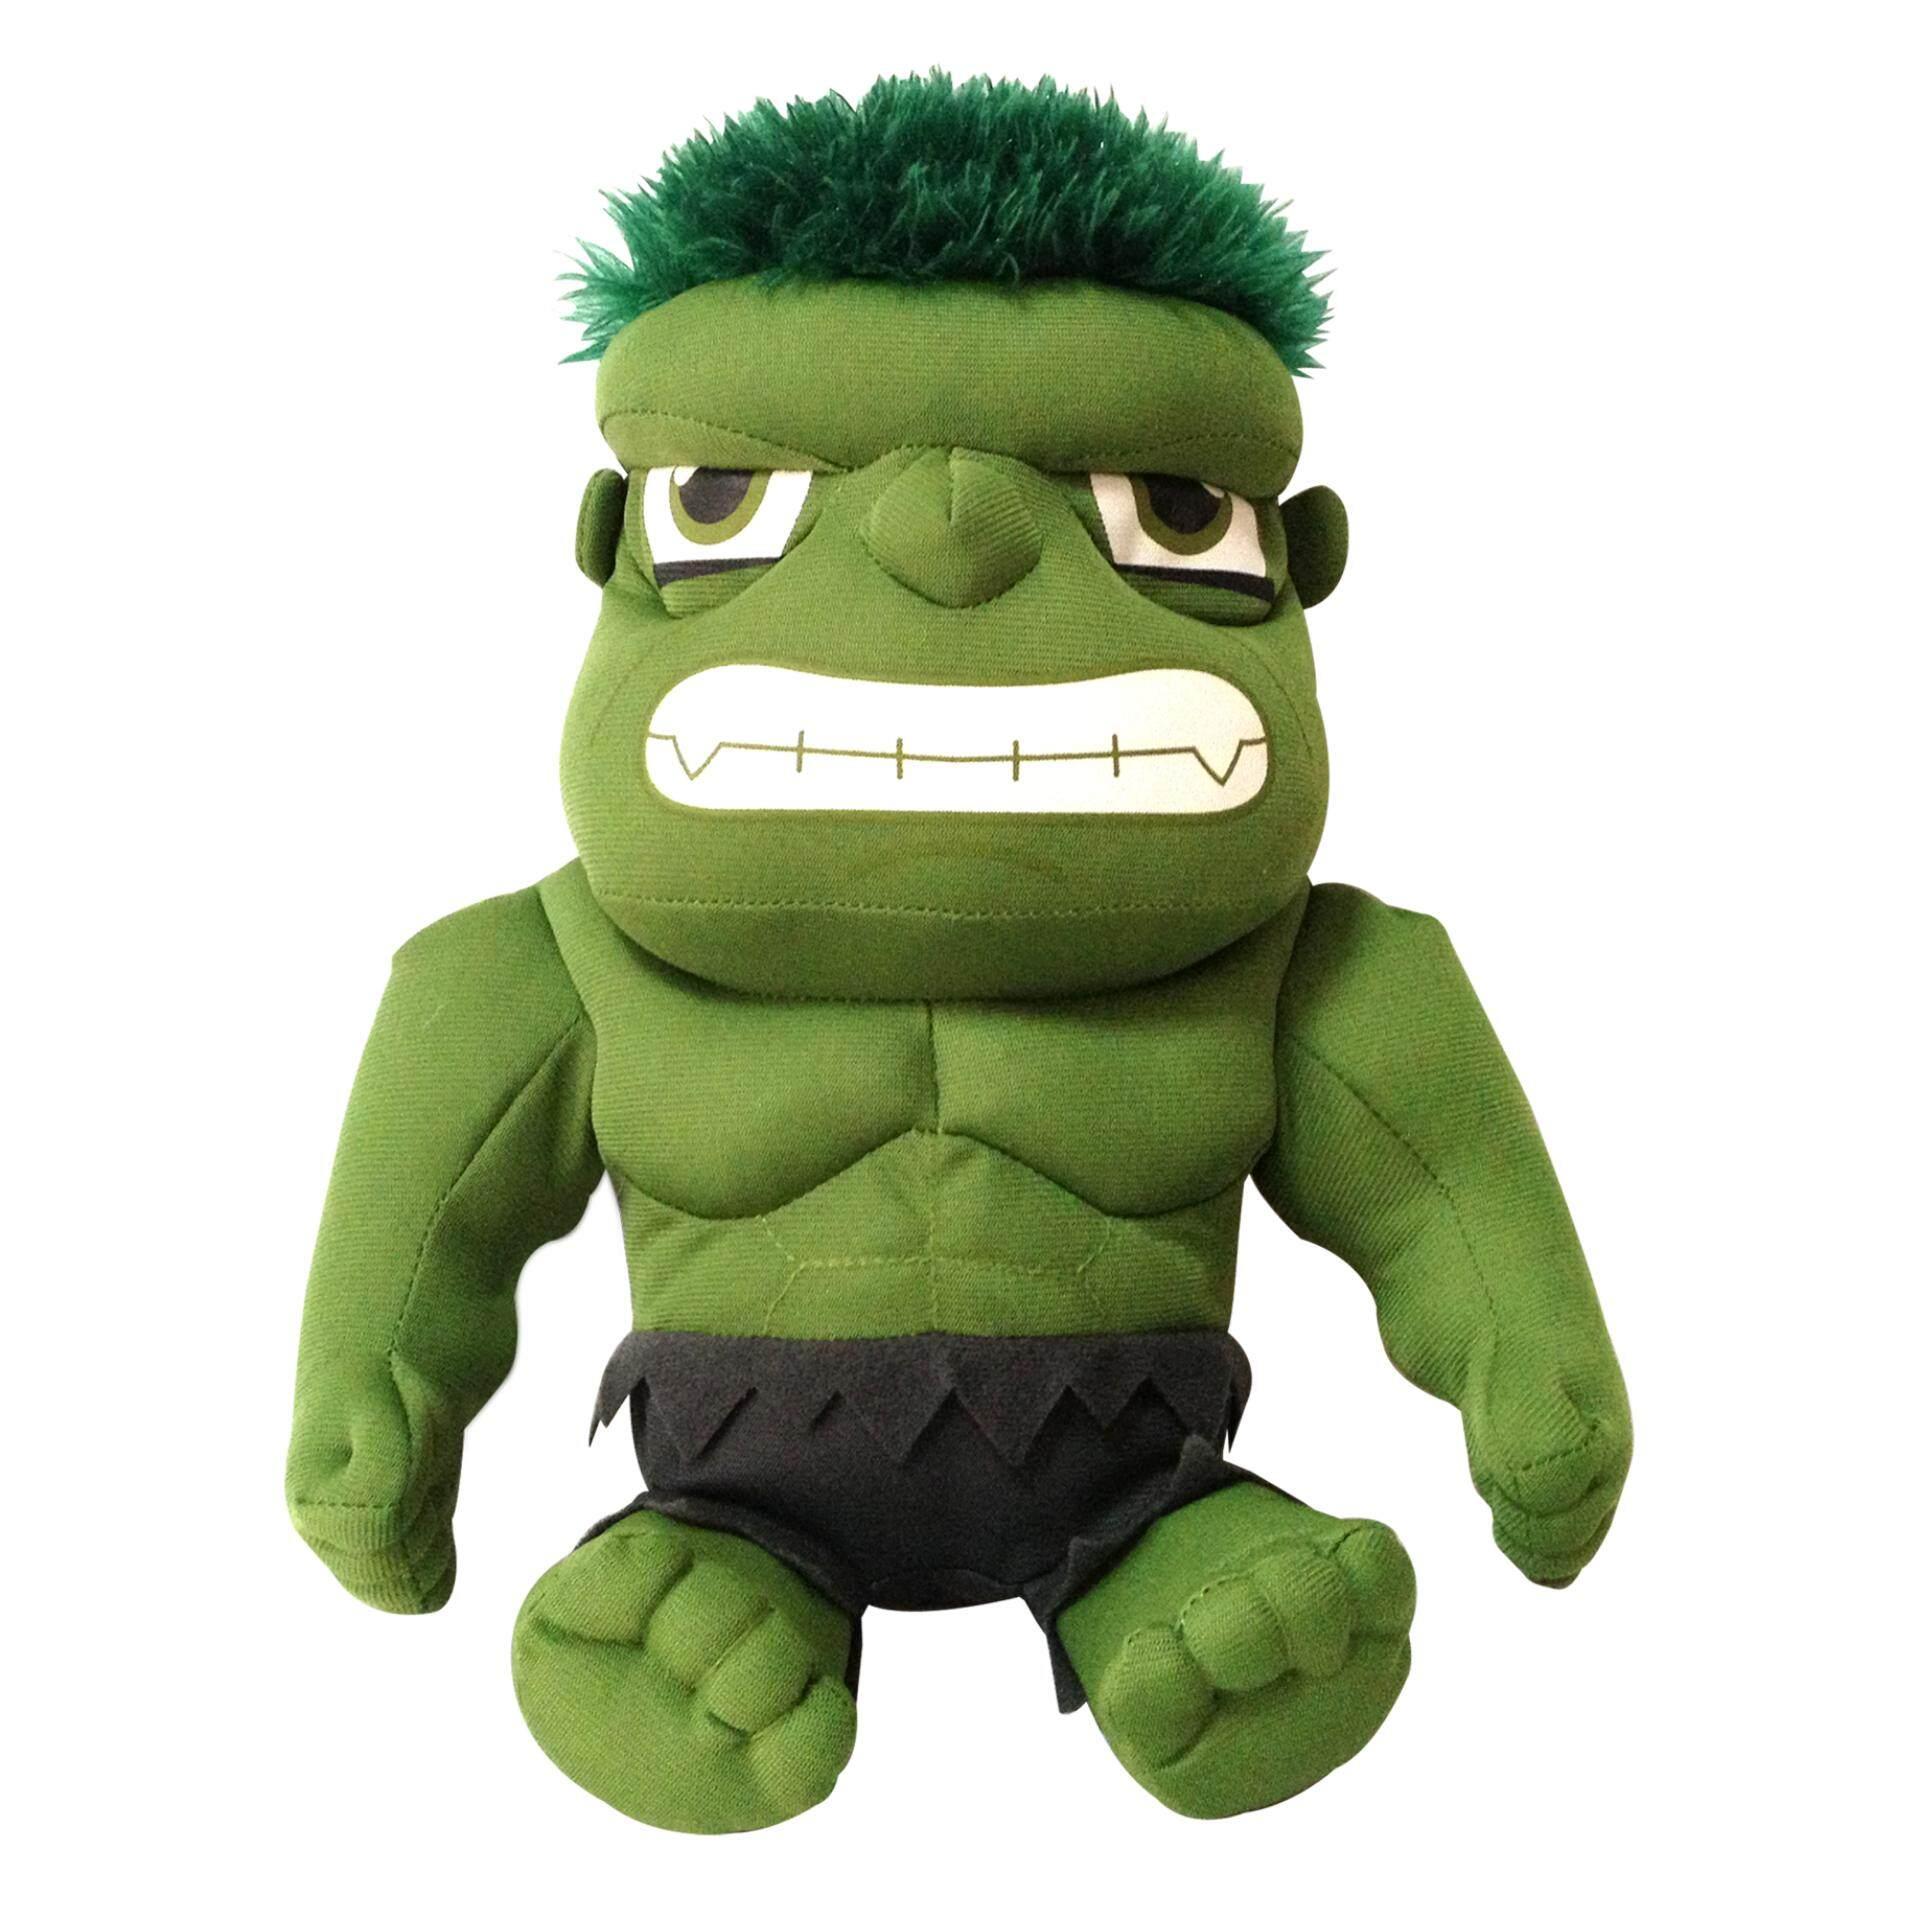 Marvel Avengers Standard Plush Toys 10 Inches - Hulk